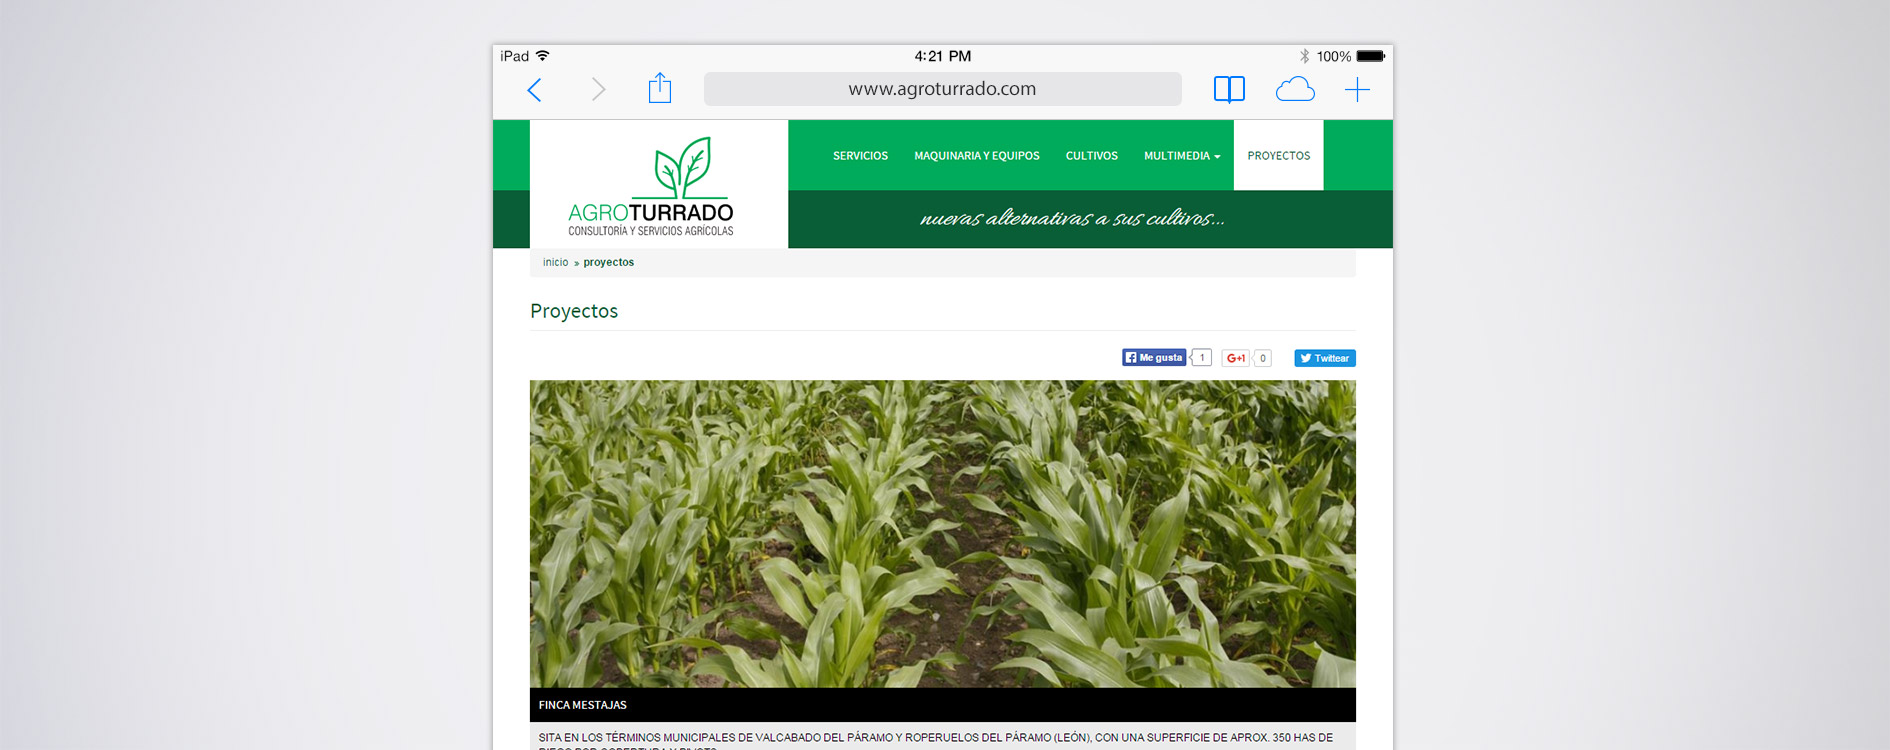 Agroturrado Consultoria y Servicios Agrícolas